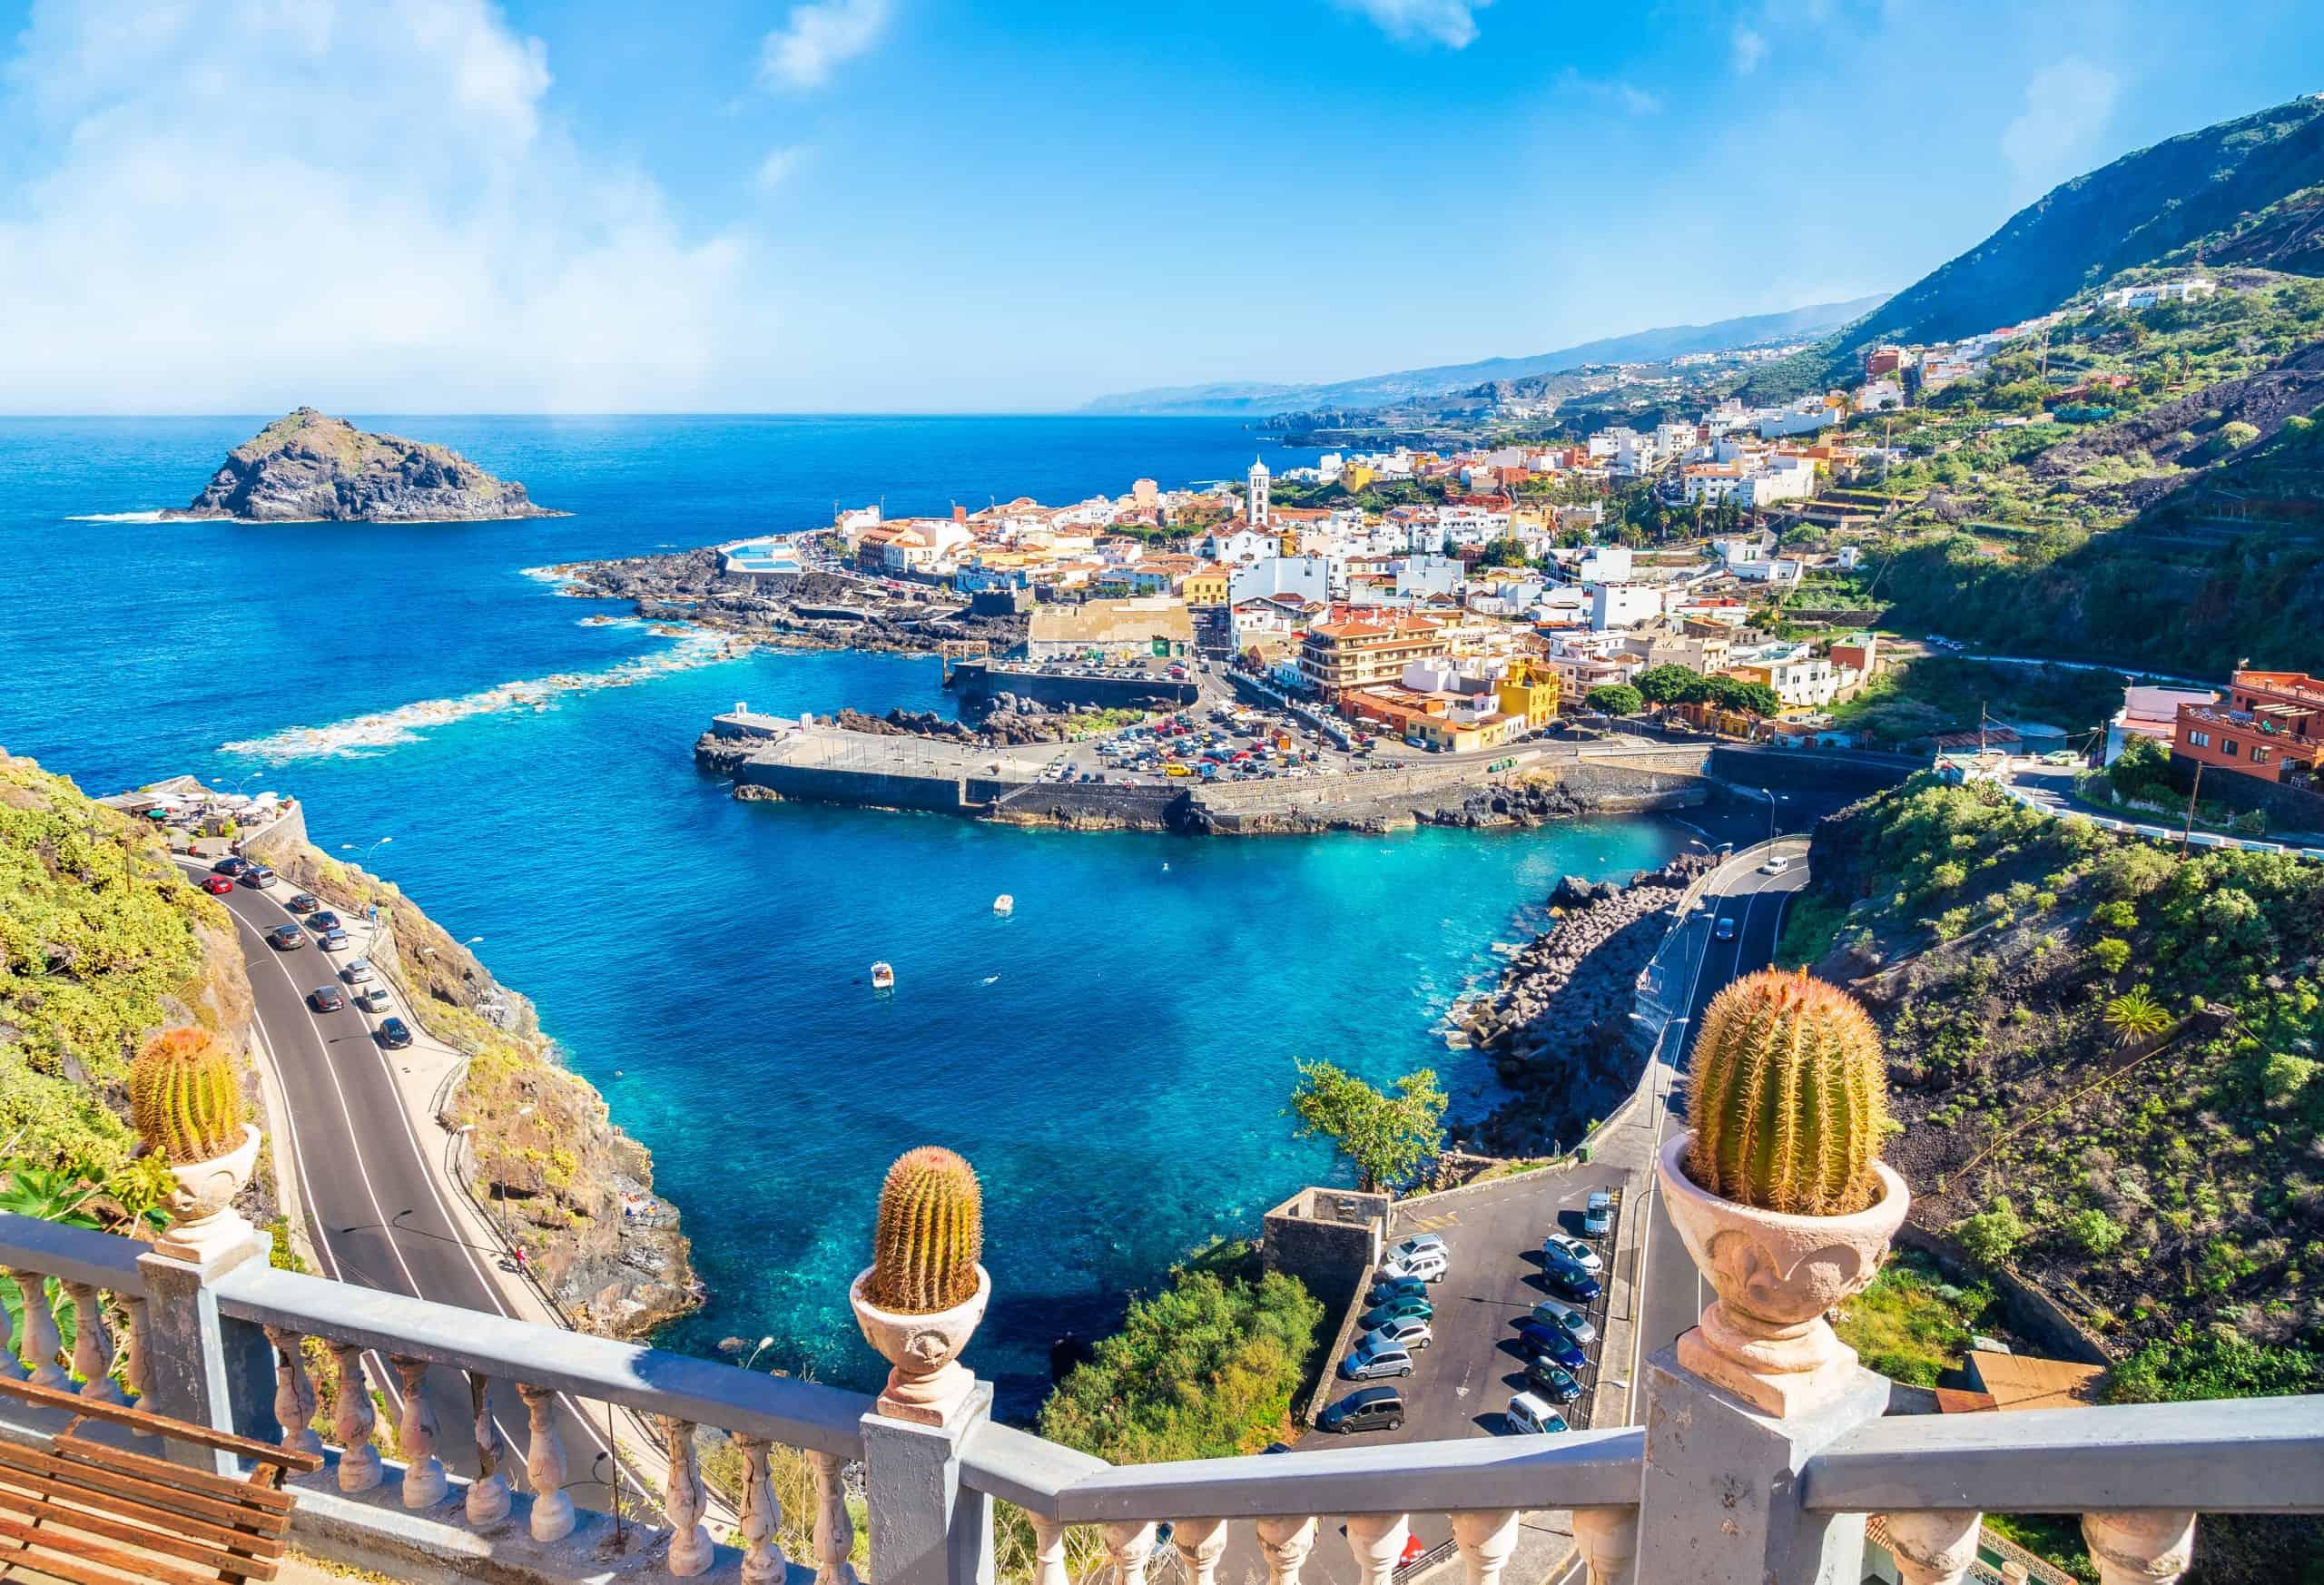 Garachico op Tenerife in de Canarische Eilanden